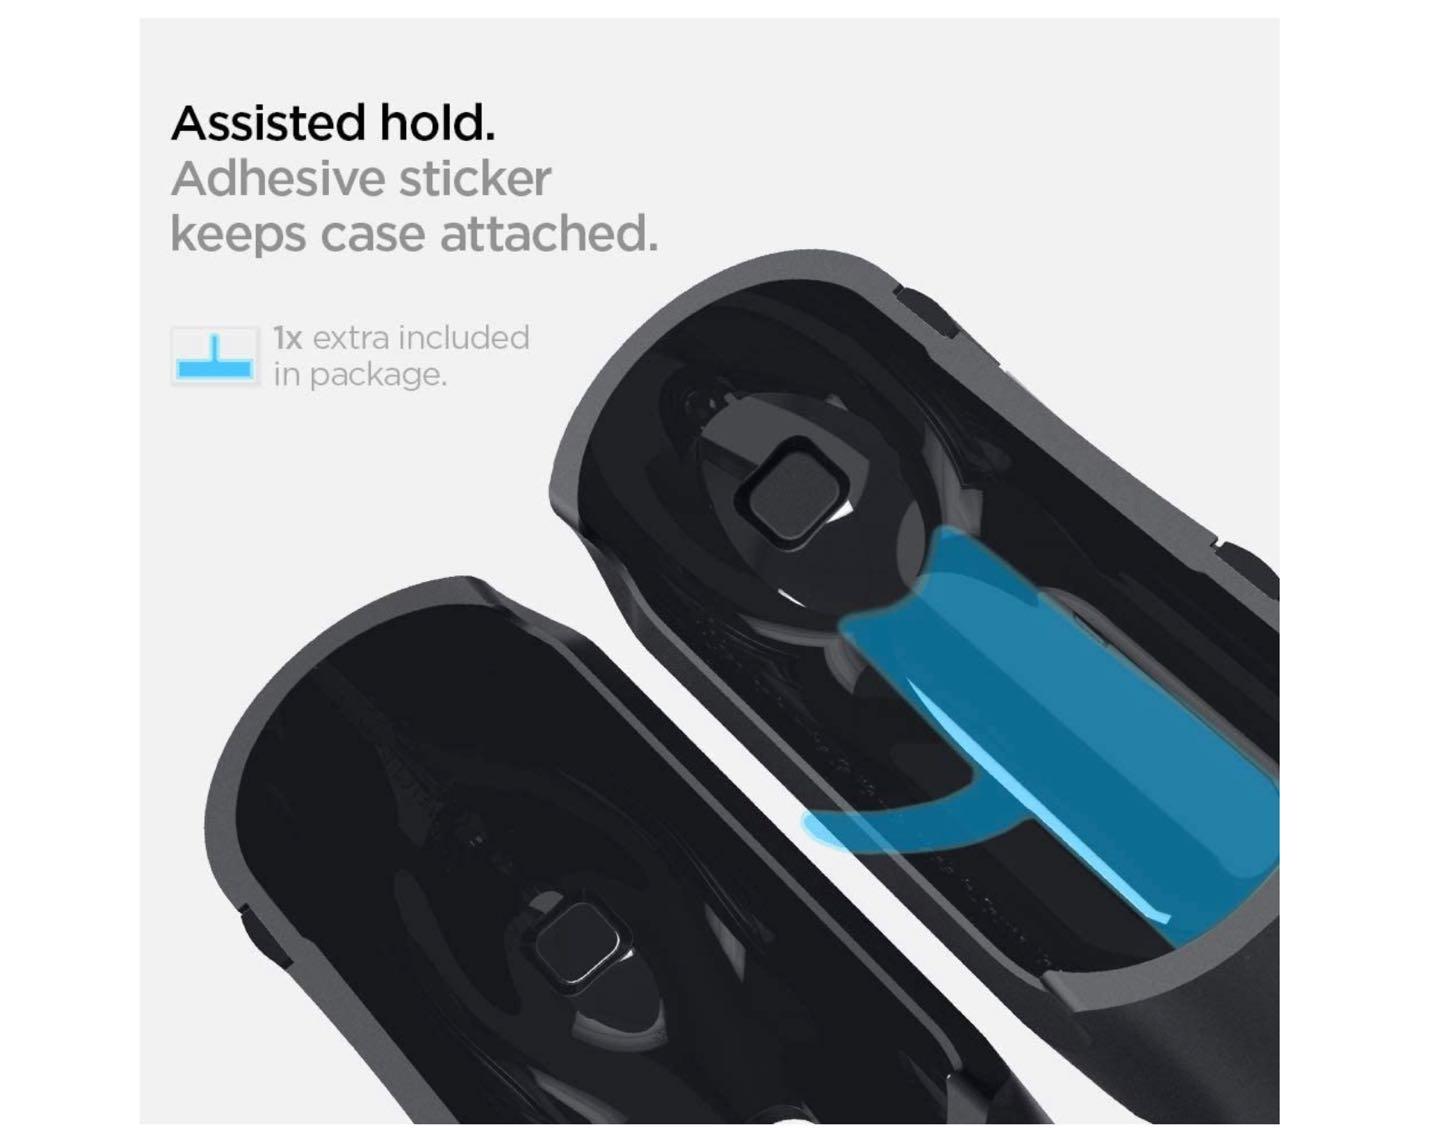 Apple AirPods Pro ケース カバー iPod shuffle 完全再現 カラビナ リング 付き シリコン 収納ケース−5